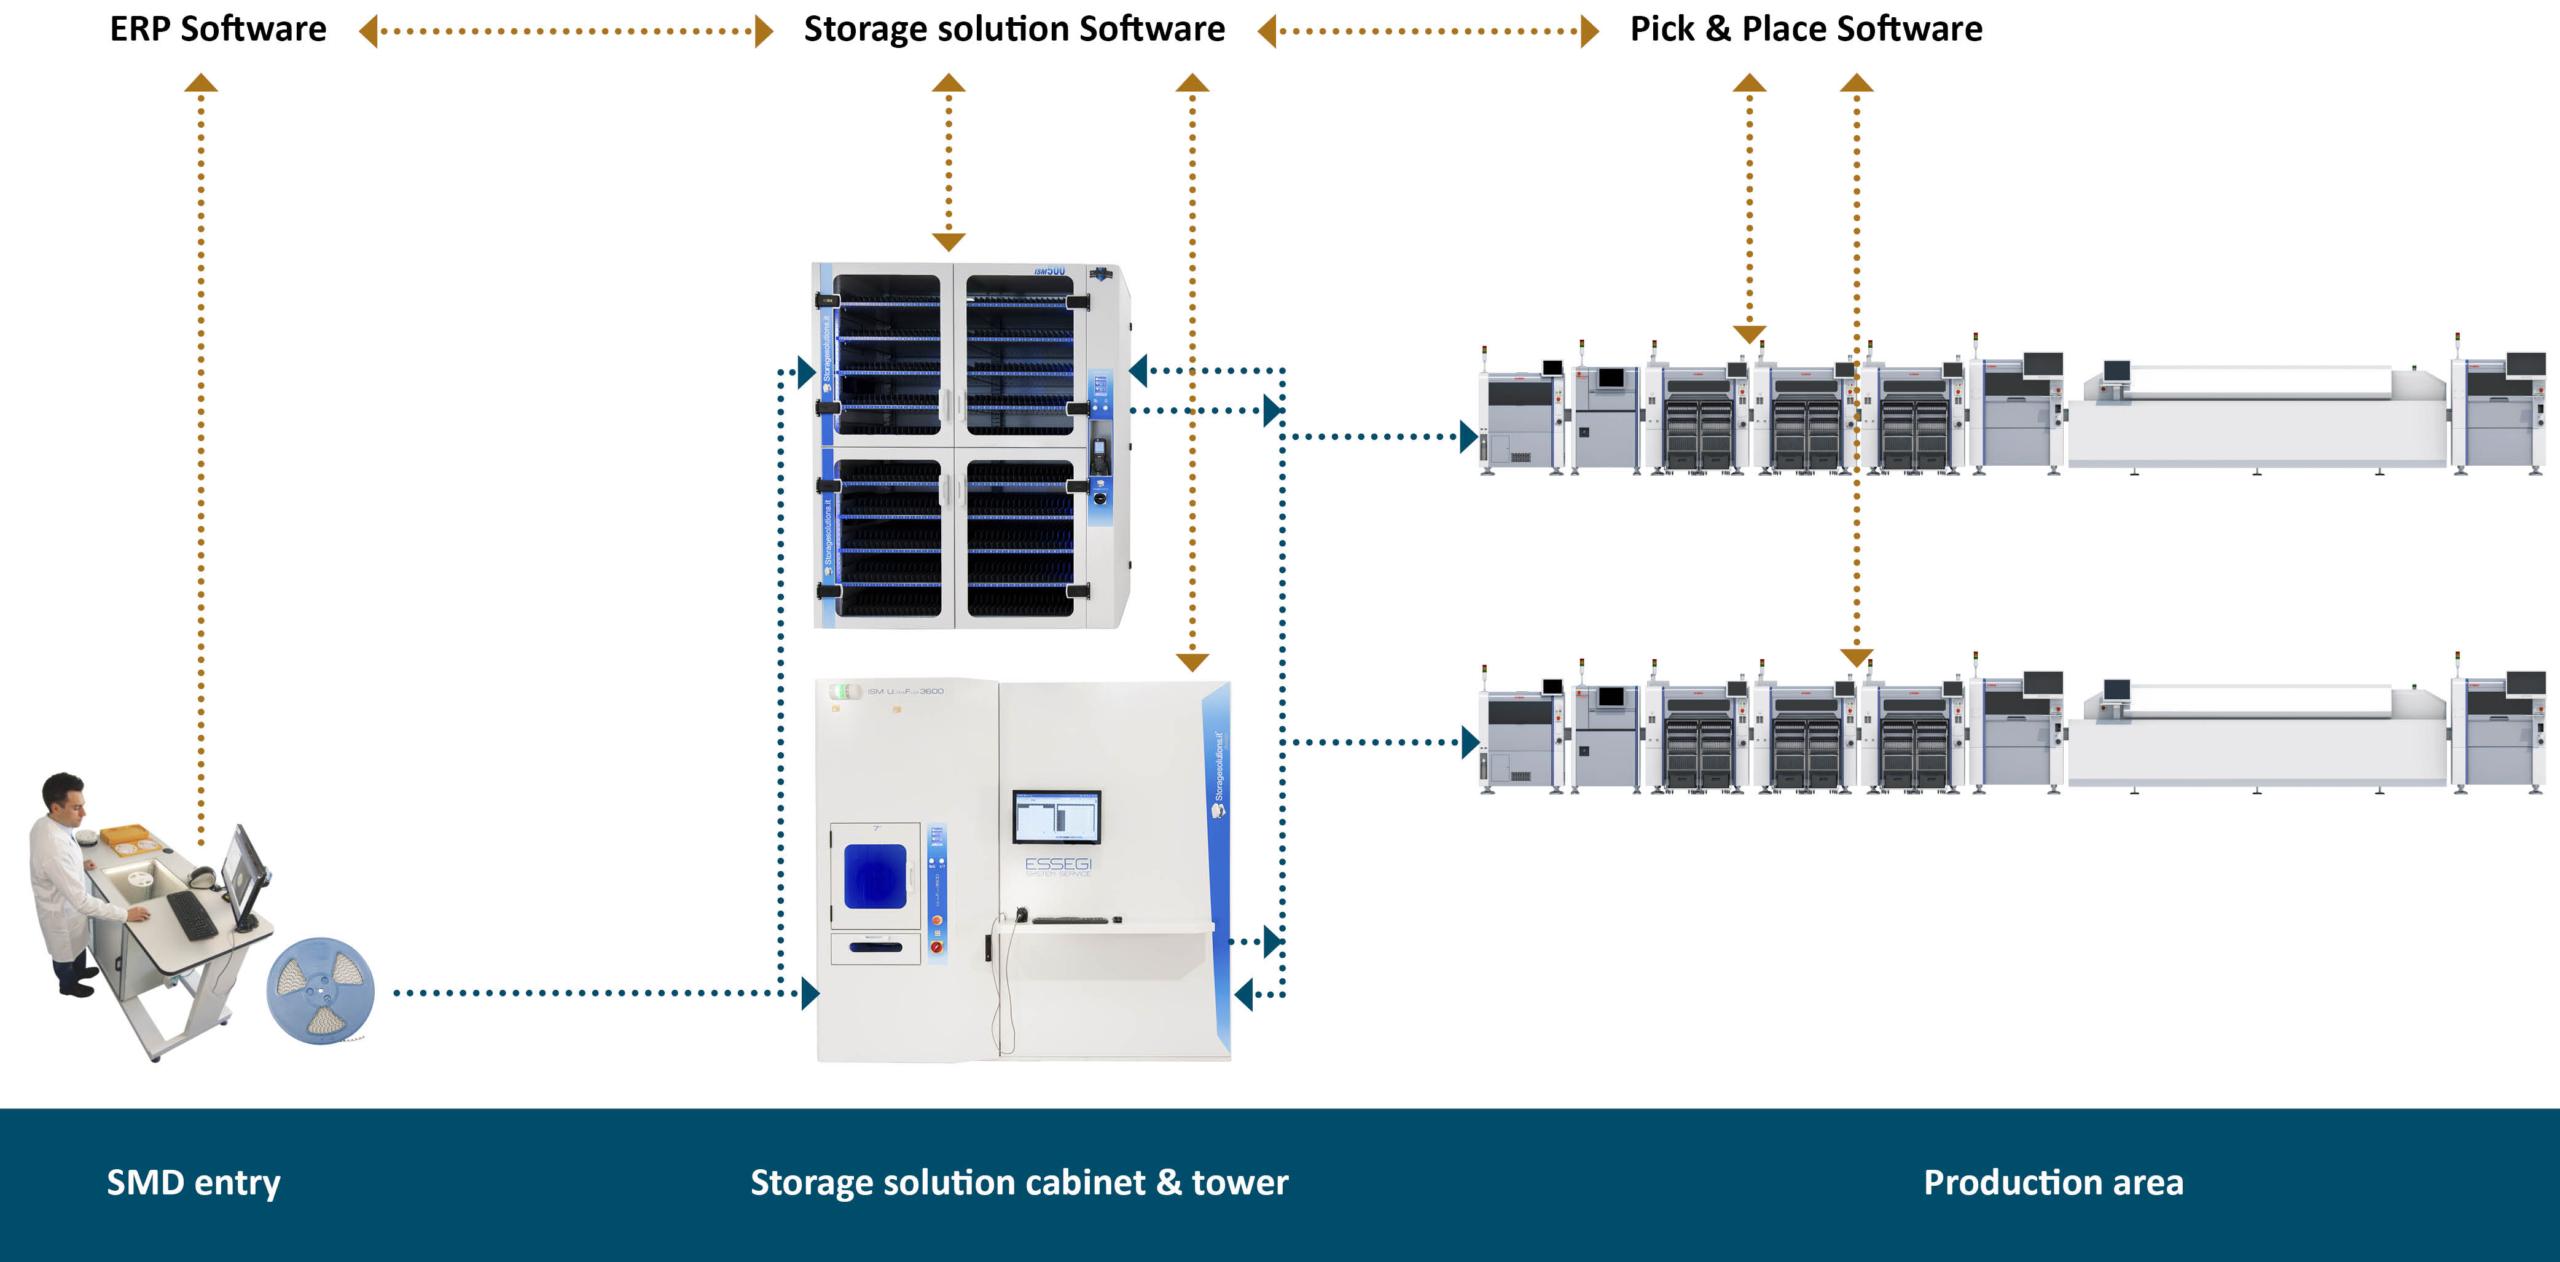 SMD håndtering workflow beskrivelse